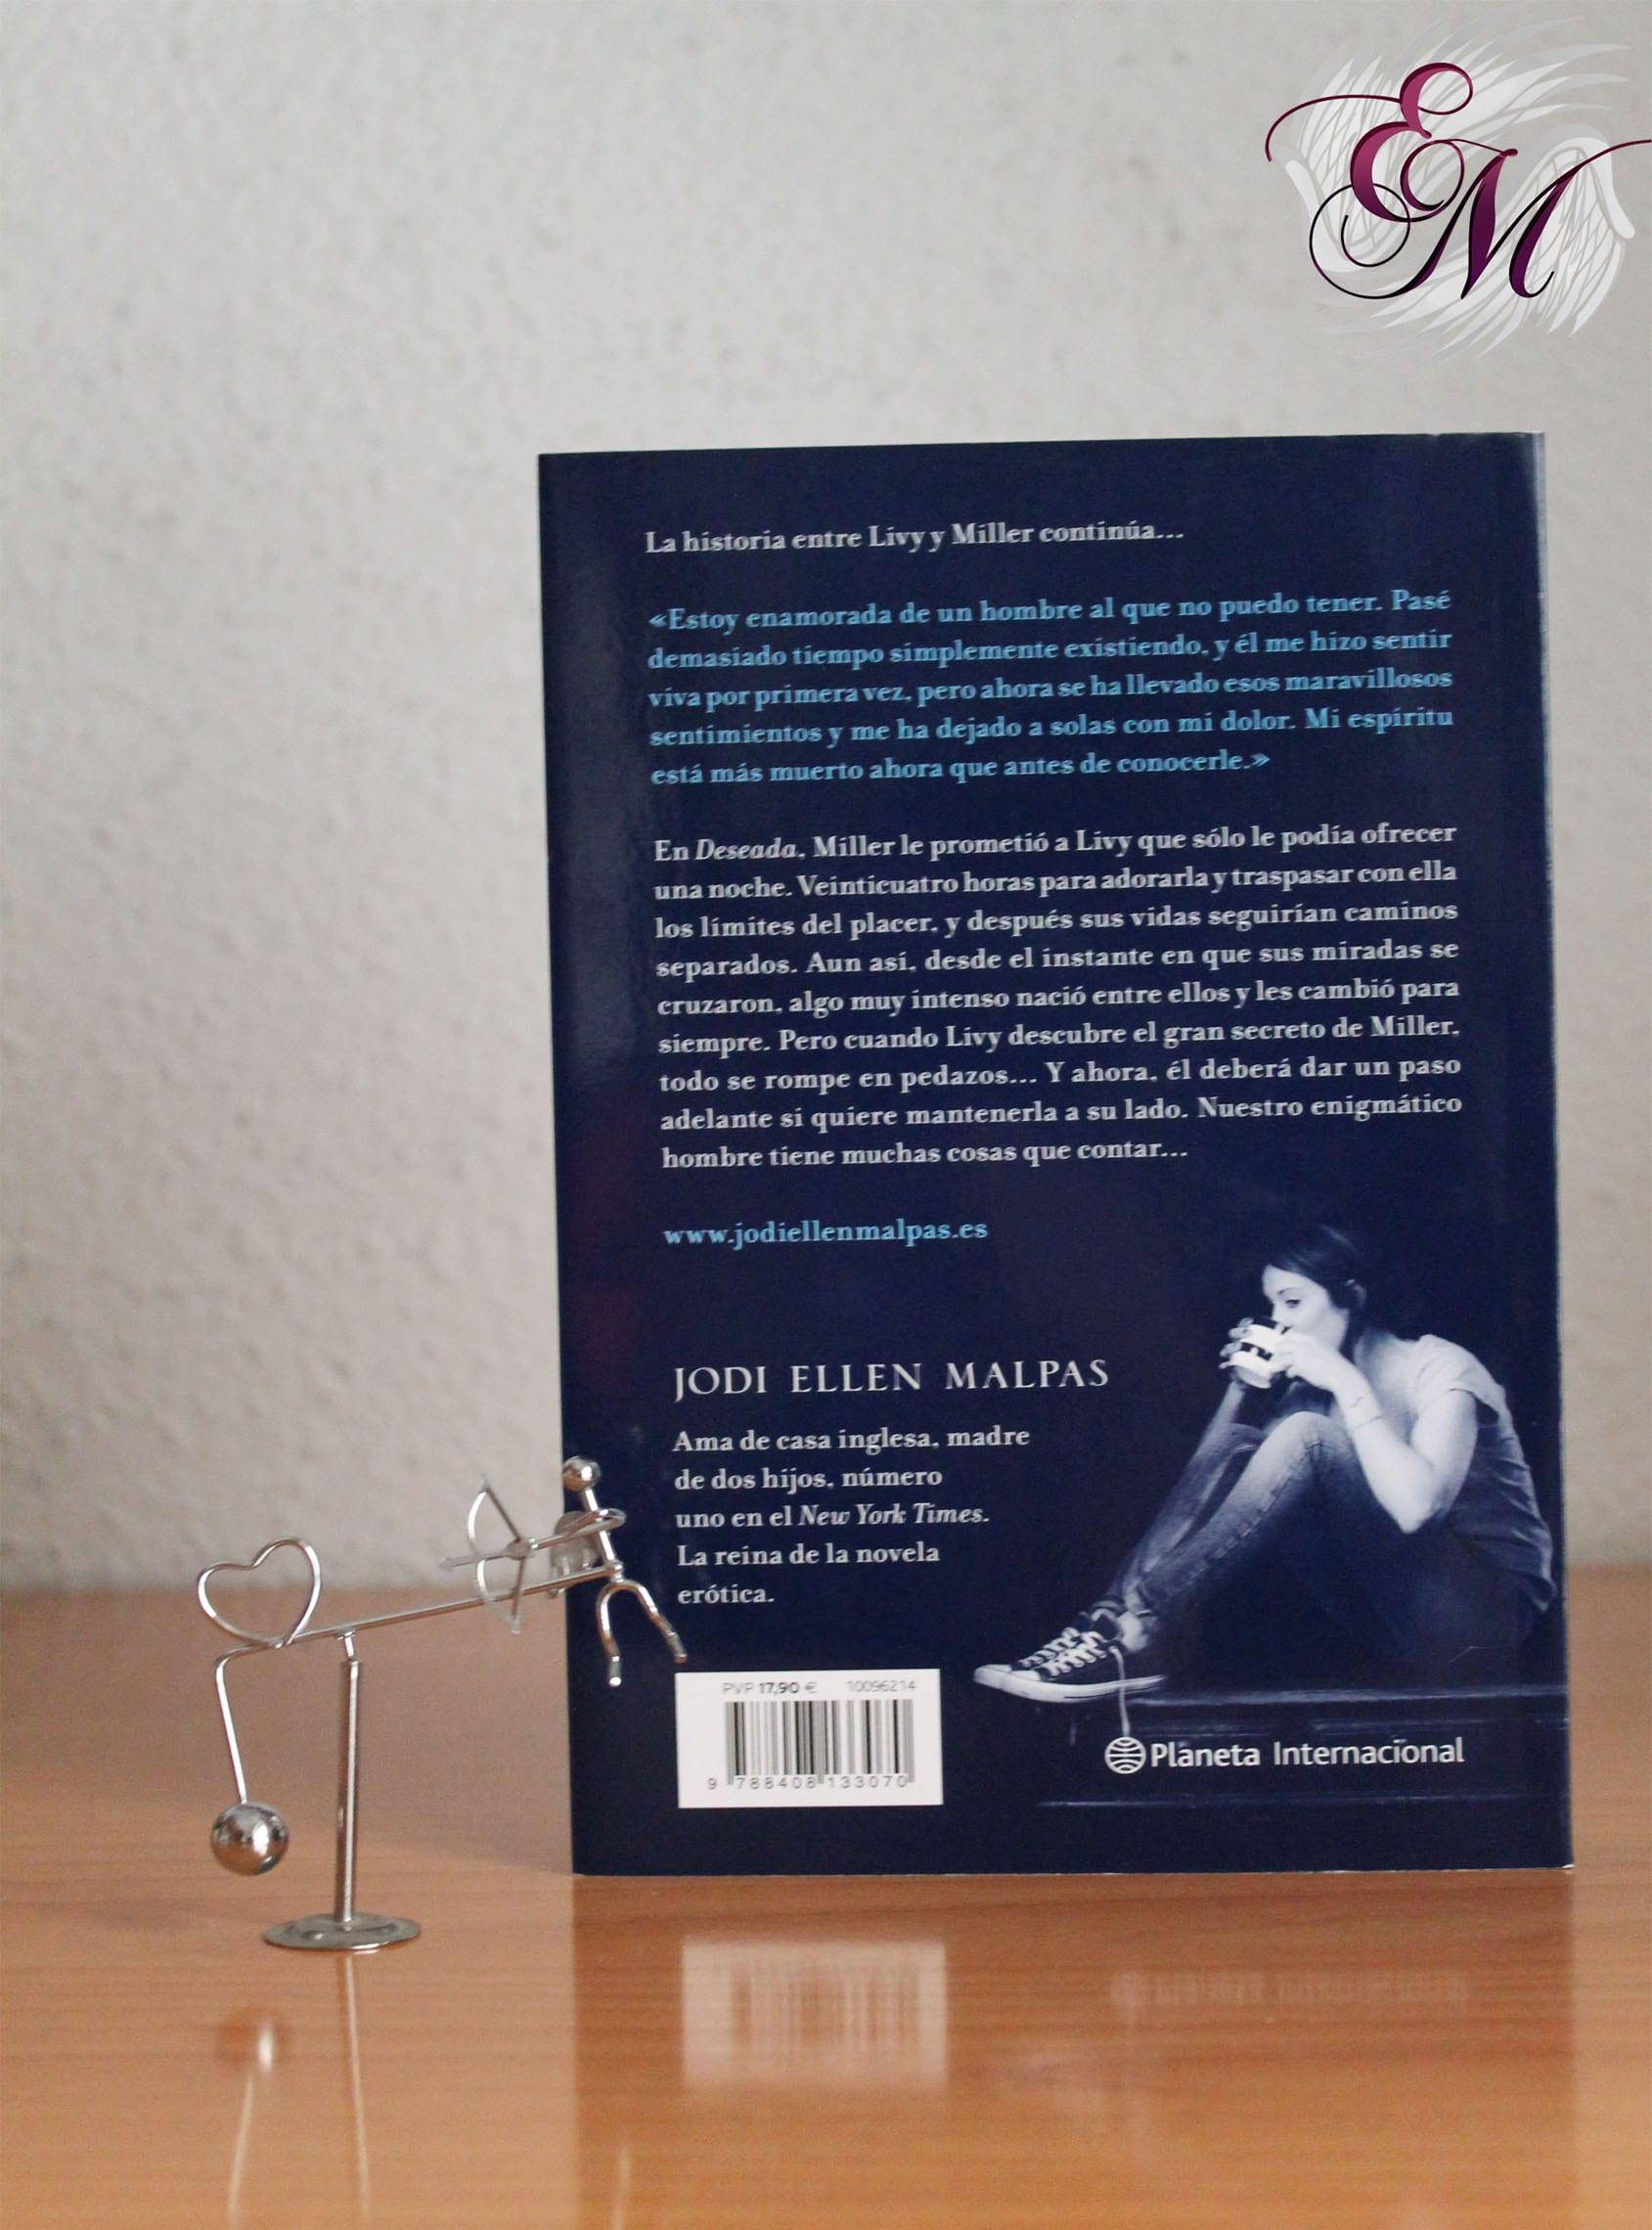 Una noche: Traicionada, de Jodi Ellen Malpas – Reseña